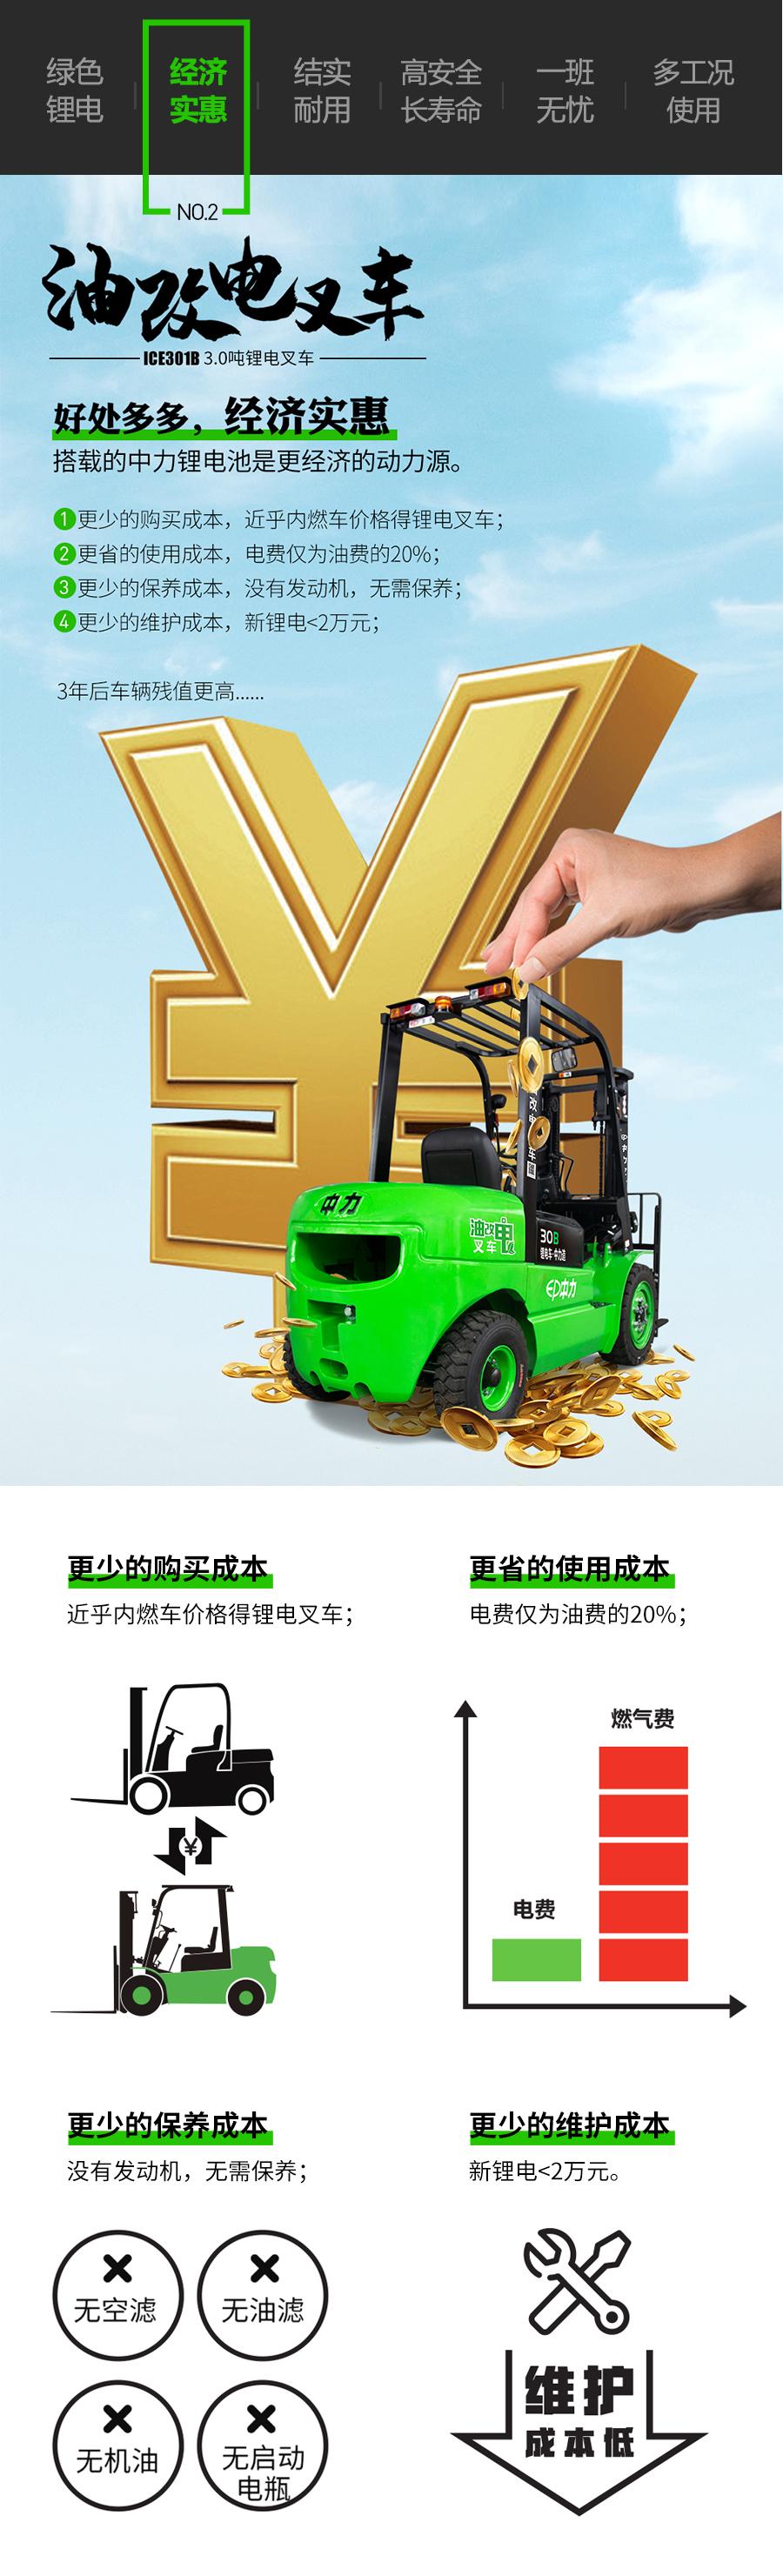 中力3.0吨 锂电池叉车ICE301B